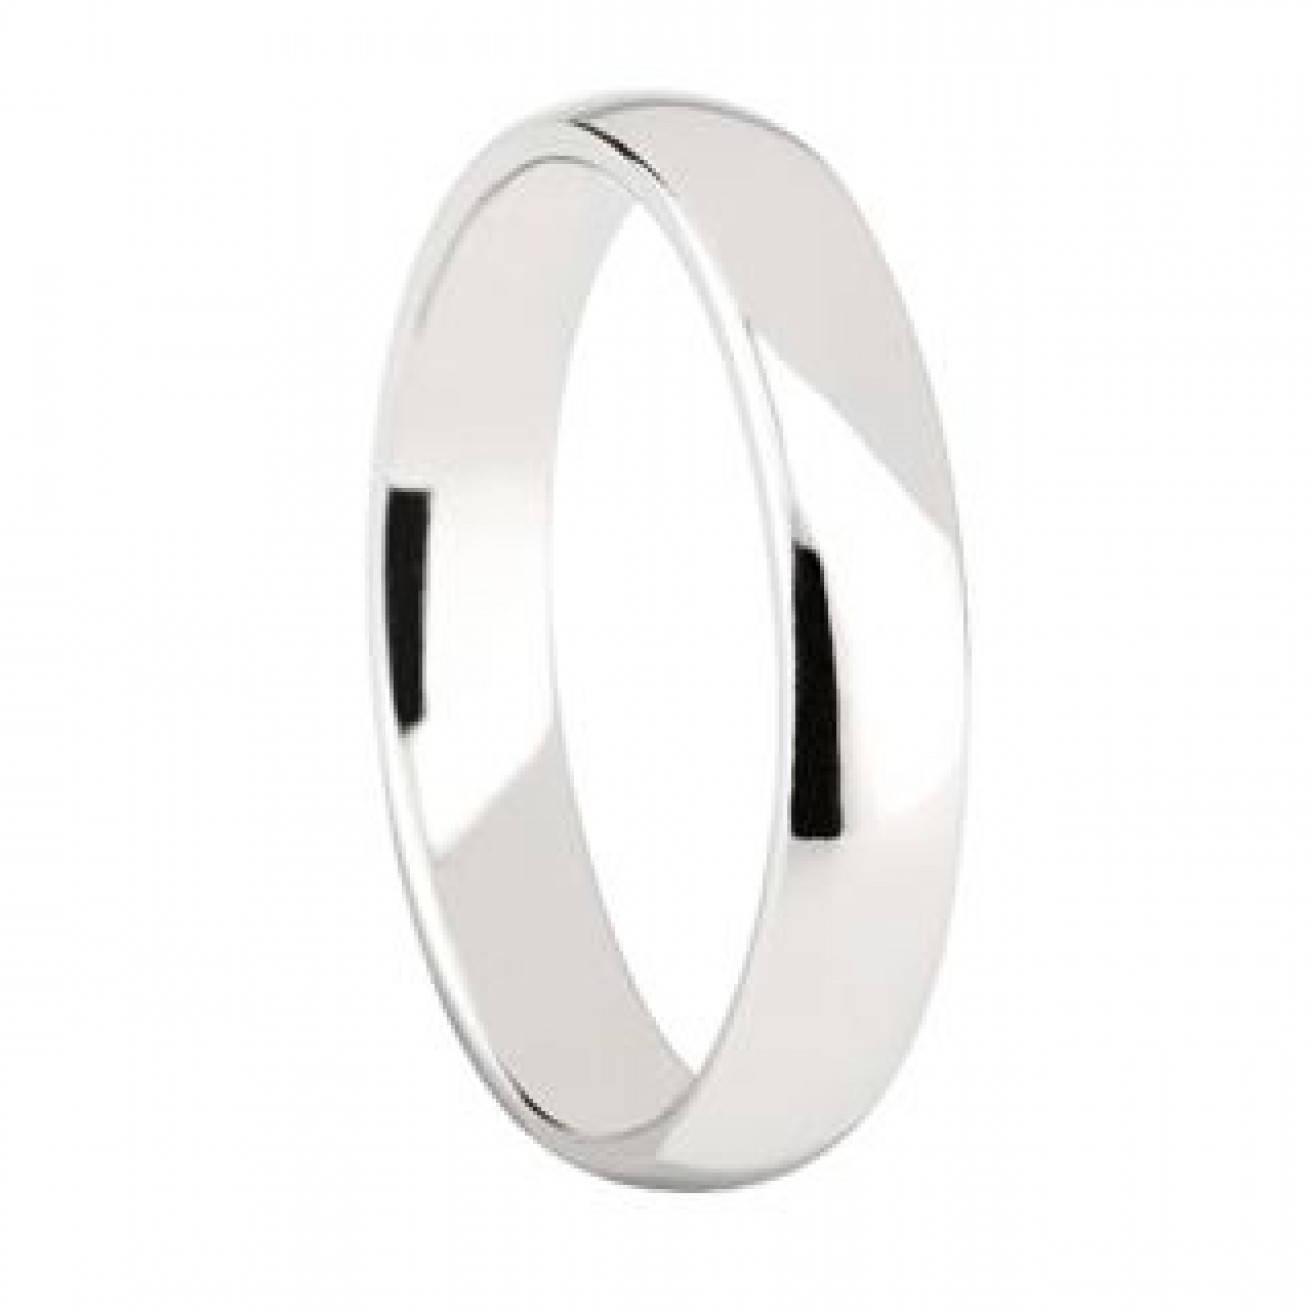 4 Mm Cobalt Chrome Domed Shape Polished Ring Wedding Band – Comfort Fit With 2017 Polished Comfort Fit Cobalt Chrome Wedding Bands (Gallery 6 of 15)